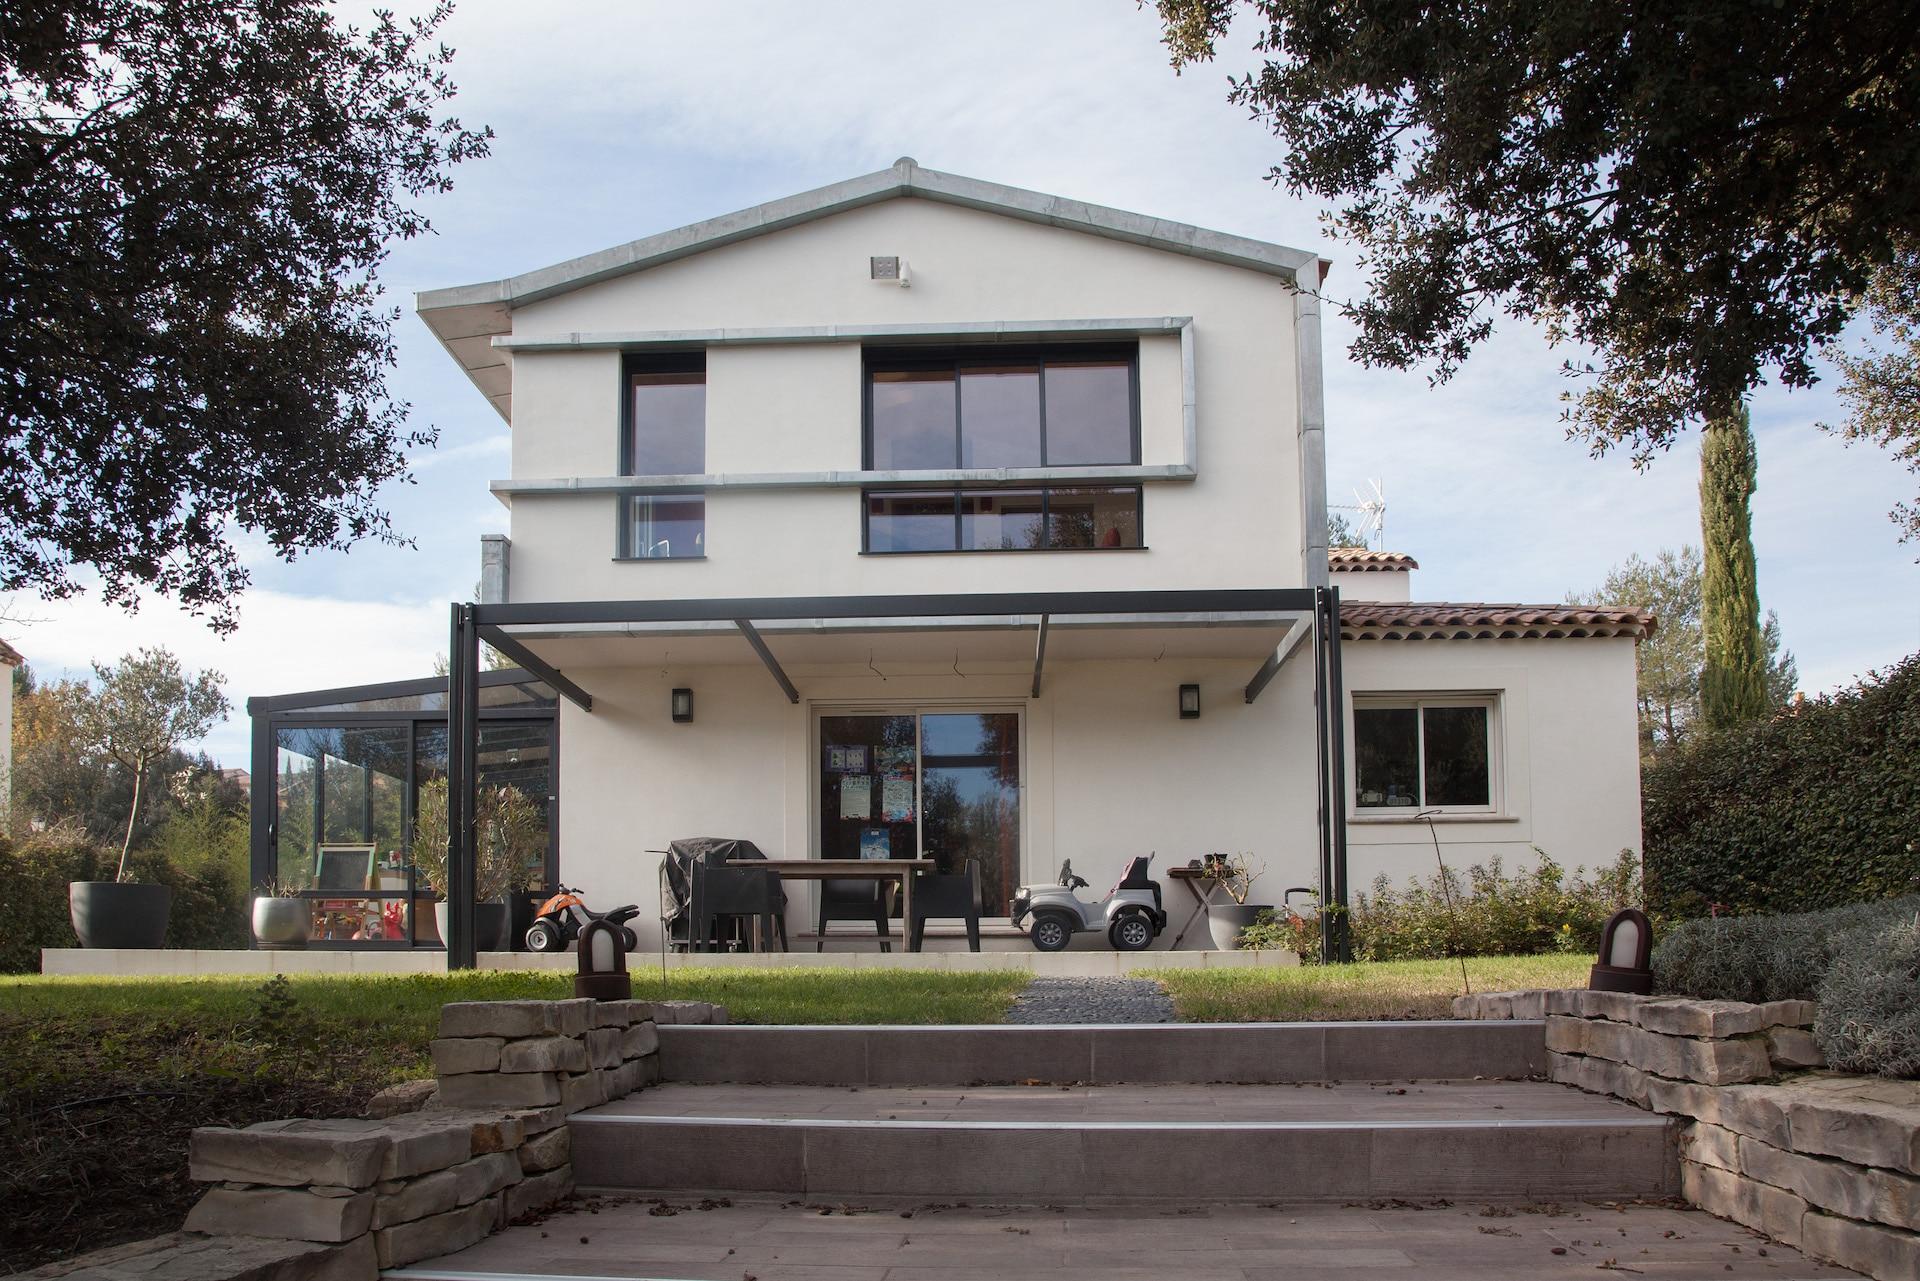 Jupinet Solari Architecte ~ Surelevation Bois Aix En Provence